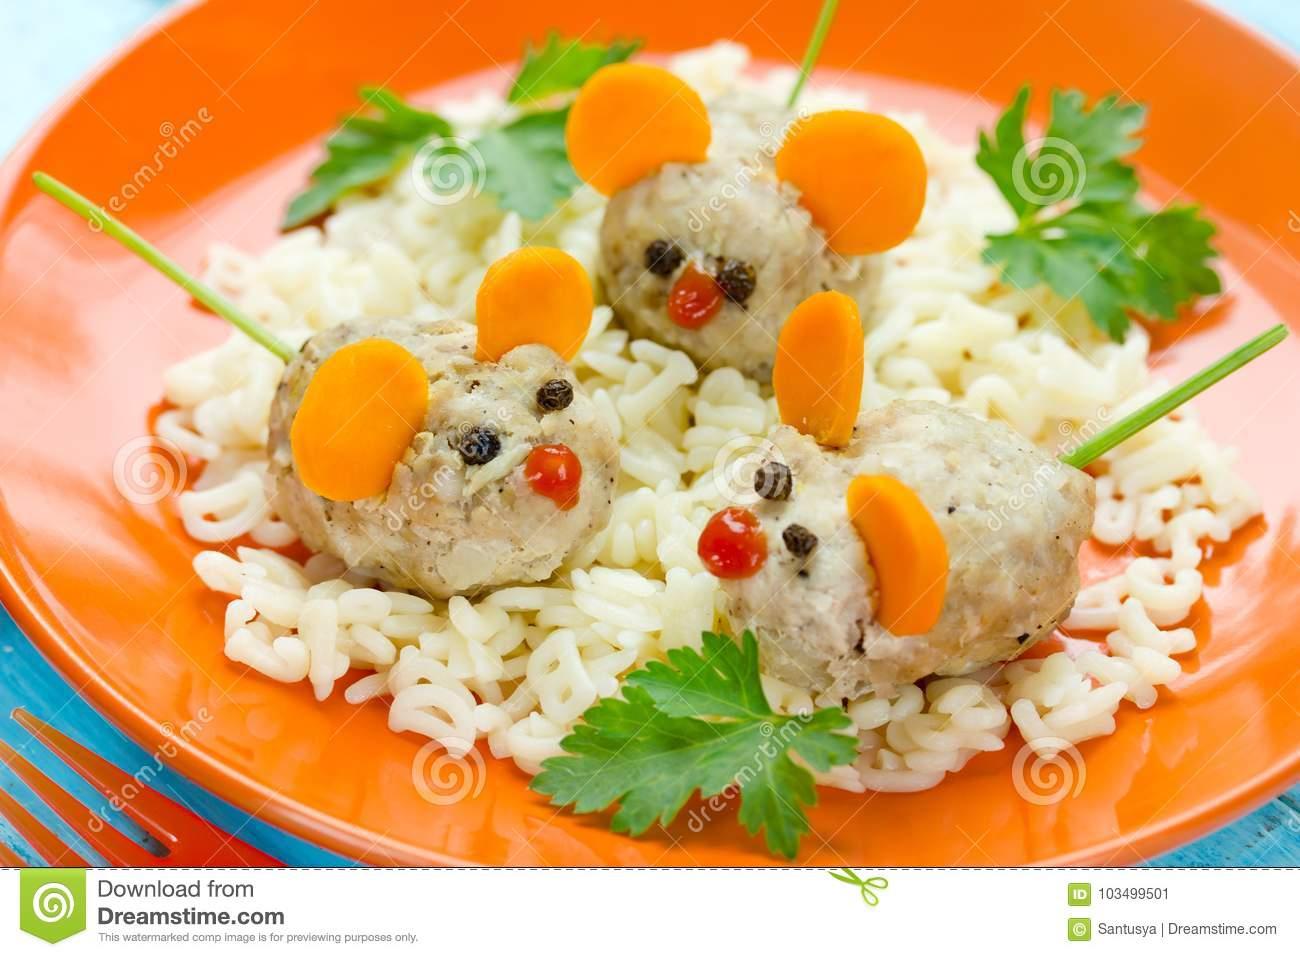 Spaß Und Gesunde Idee Für Kinder Essen - Gedämpftes Kotelett ganzes Mittag Für Kinder